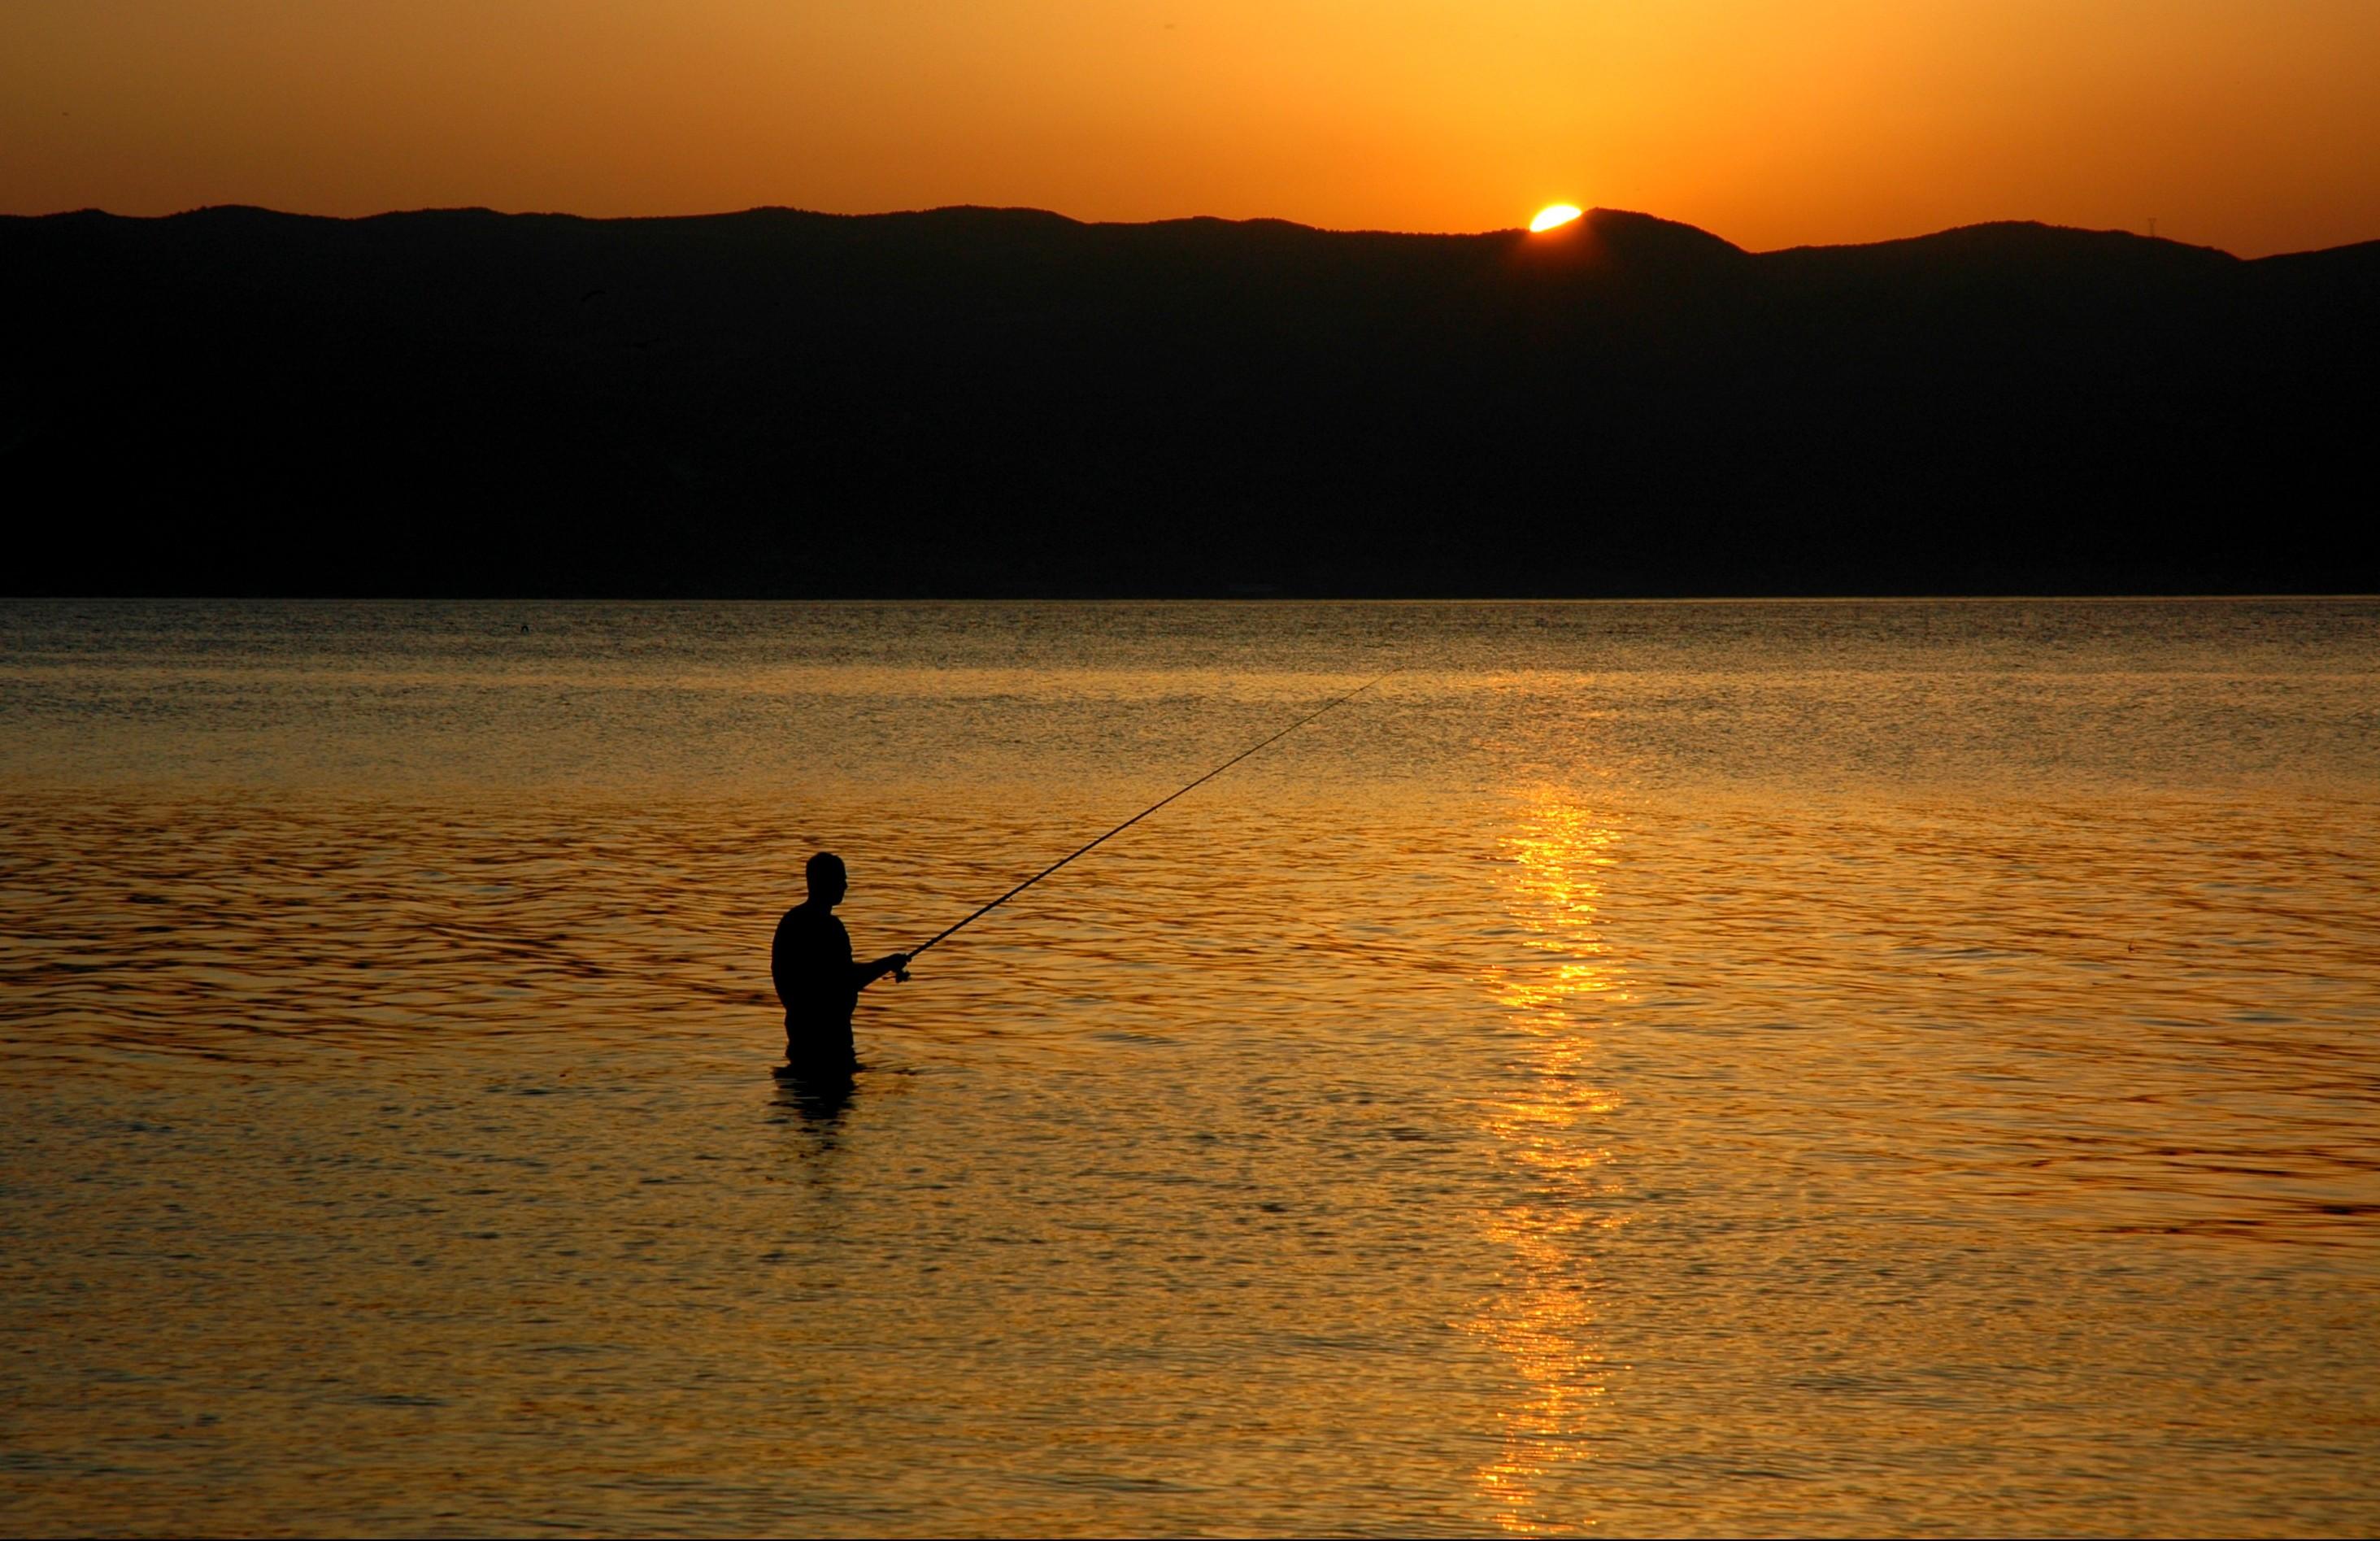 Digital Fishing Trip